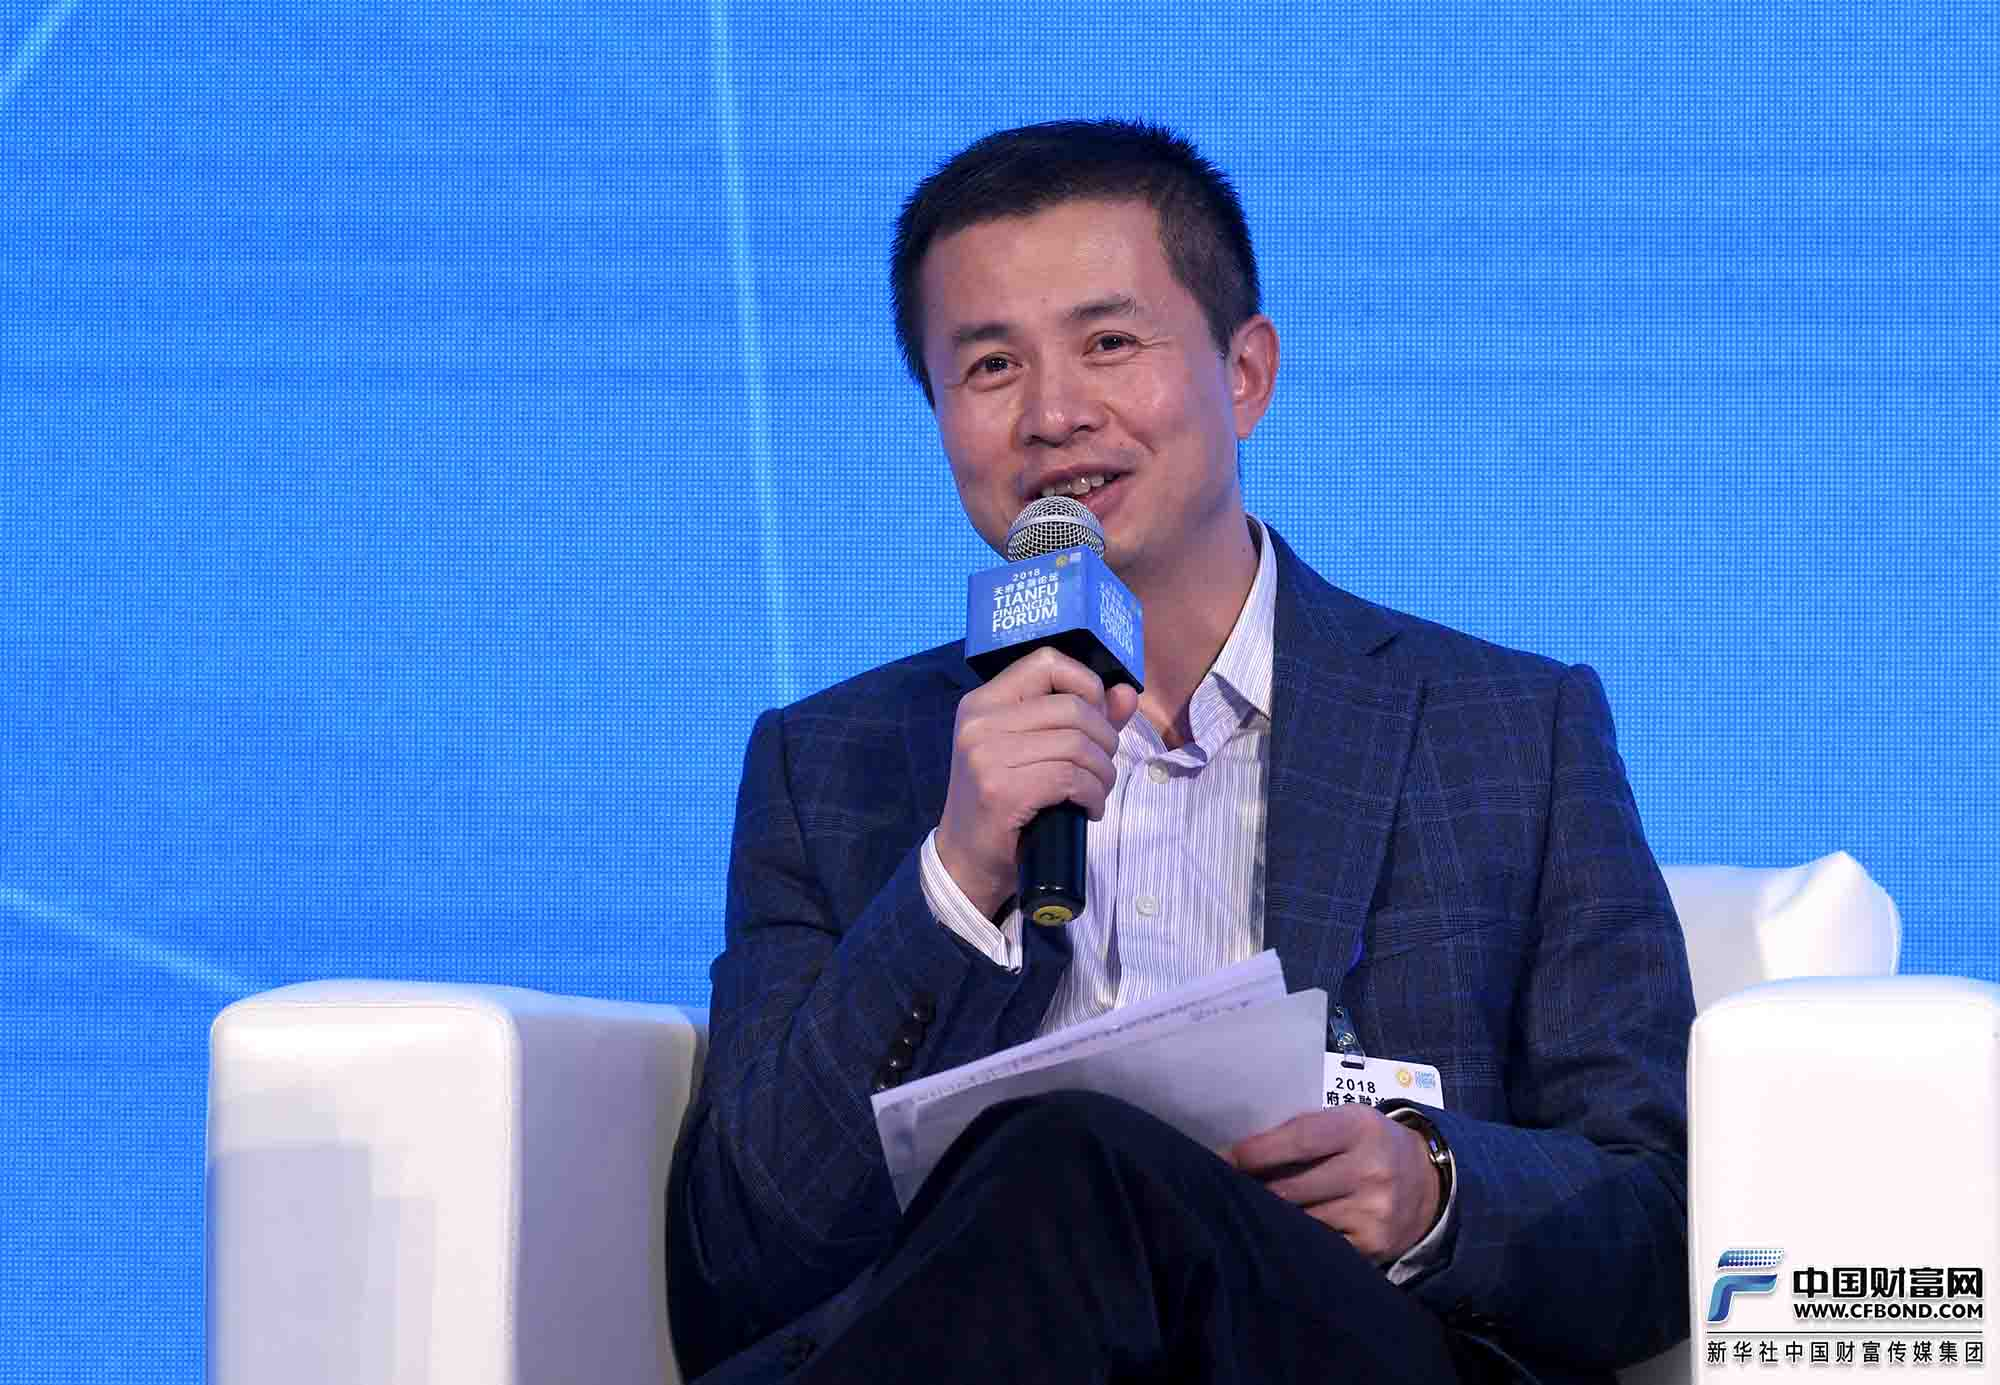 研讨嘉宾: 中国人民银行成都分行副行长方昕